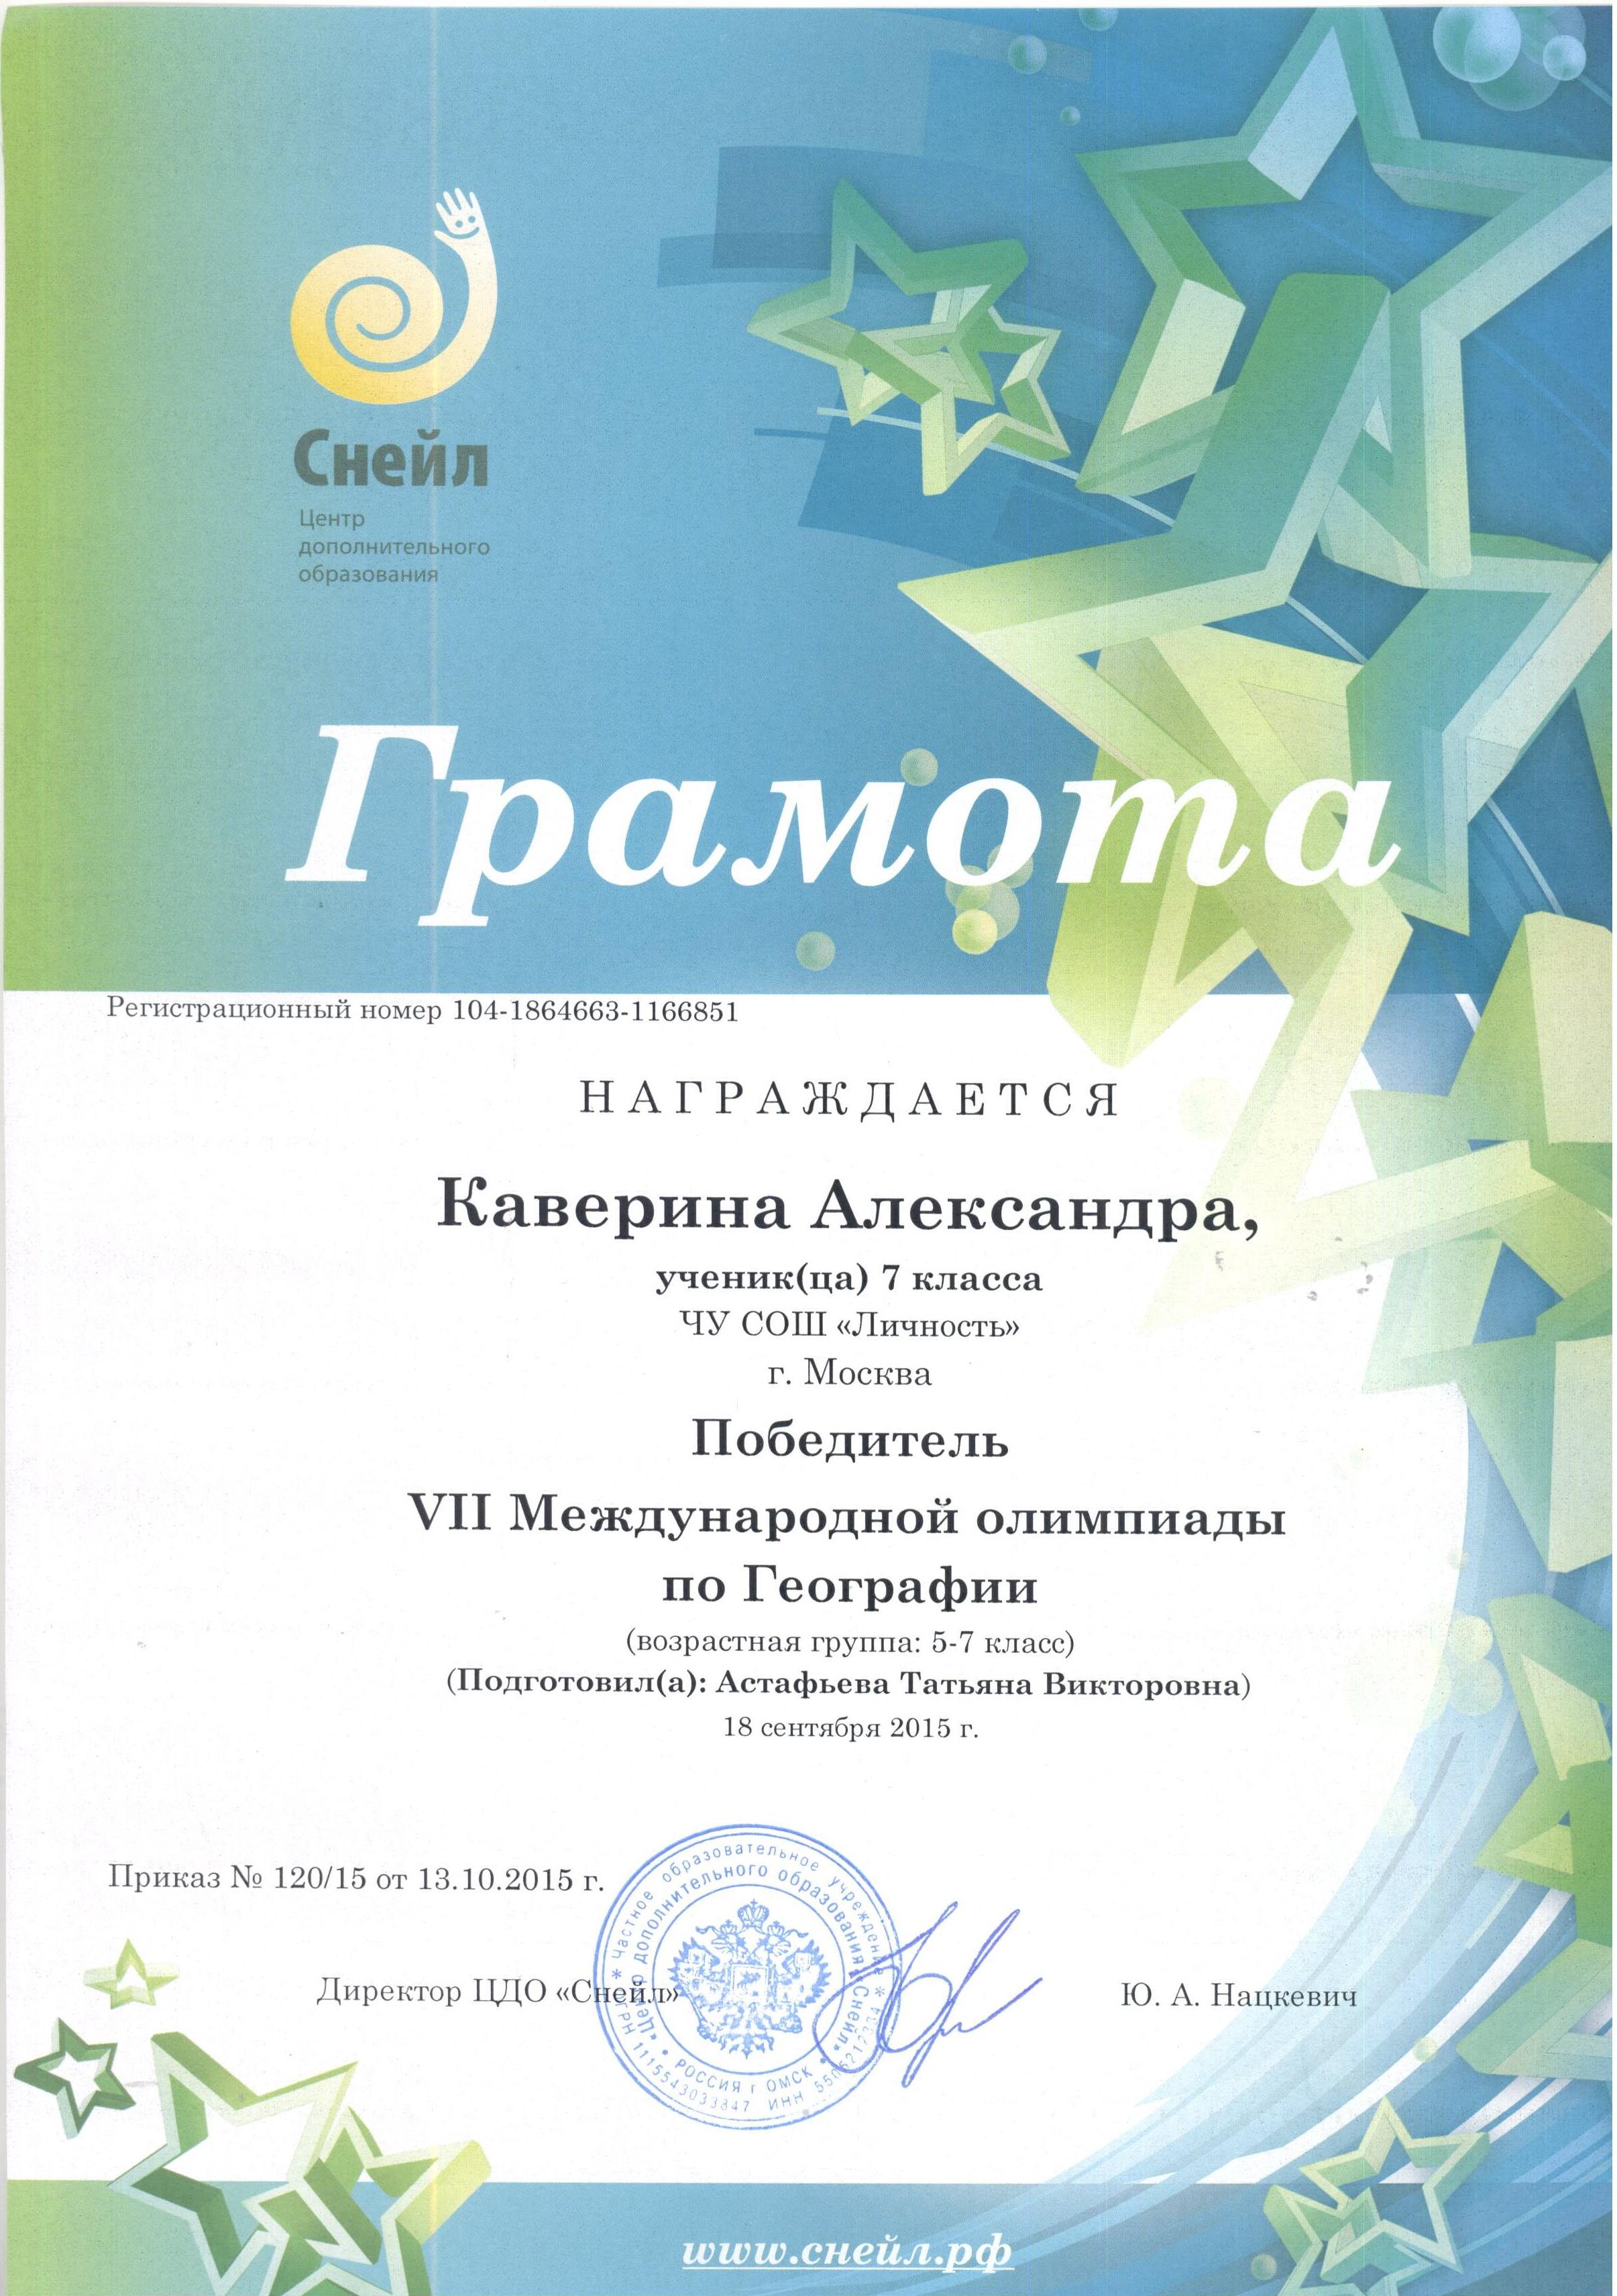 Результаты VII Международной олимпиады по географии